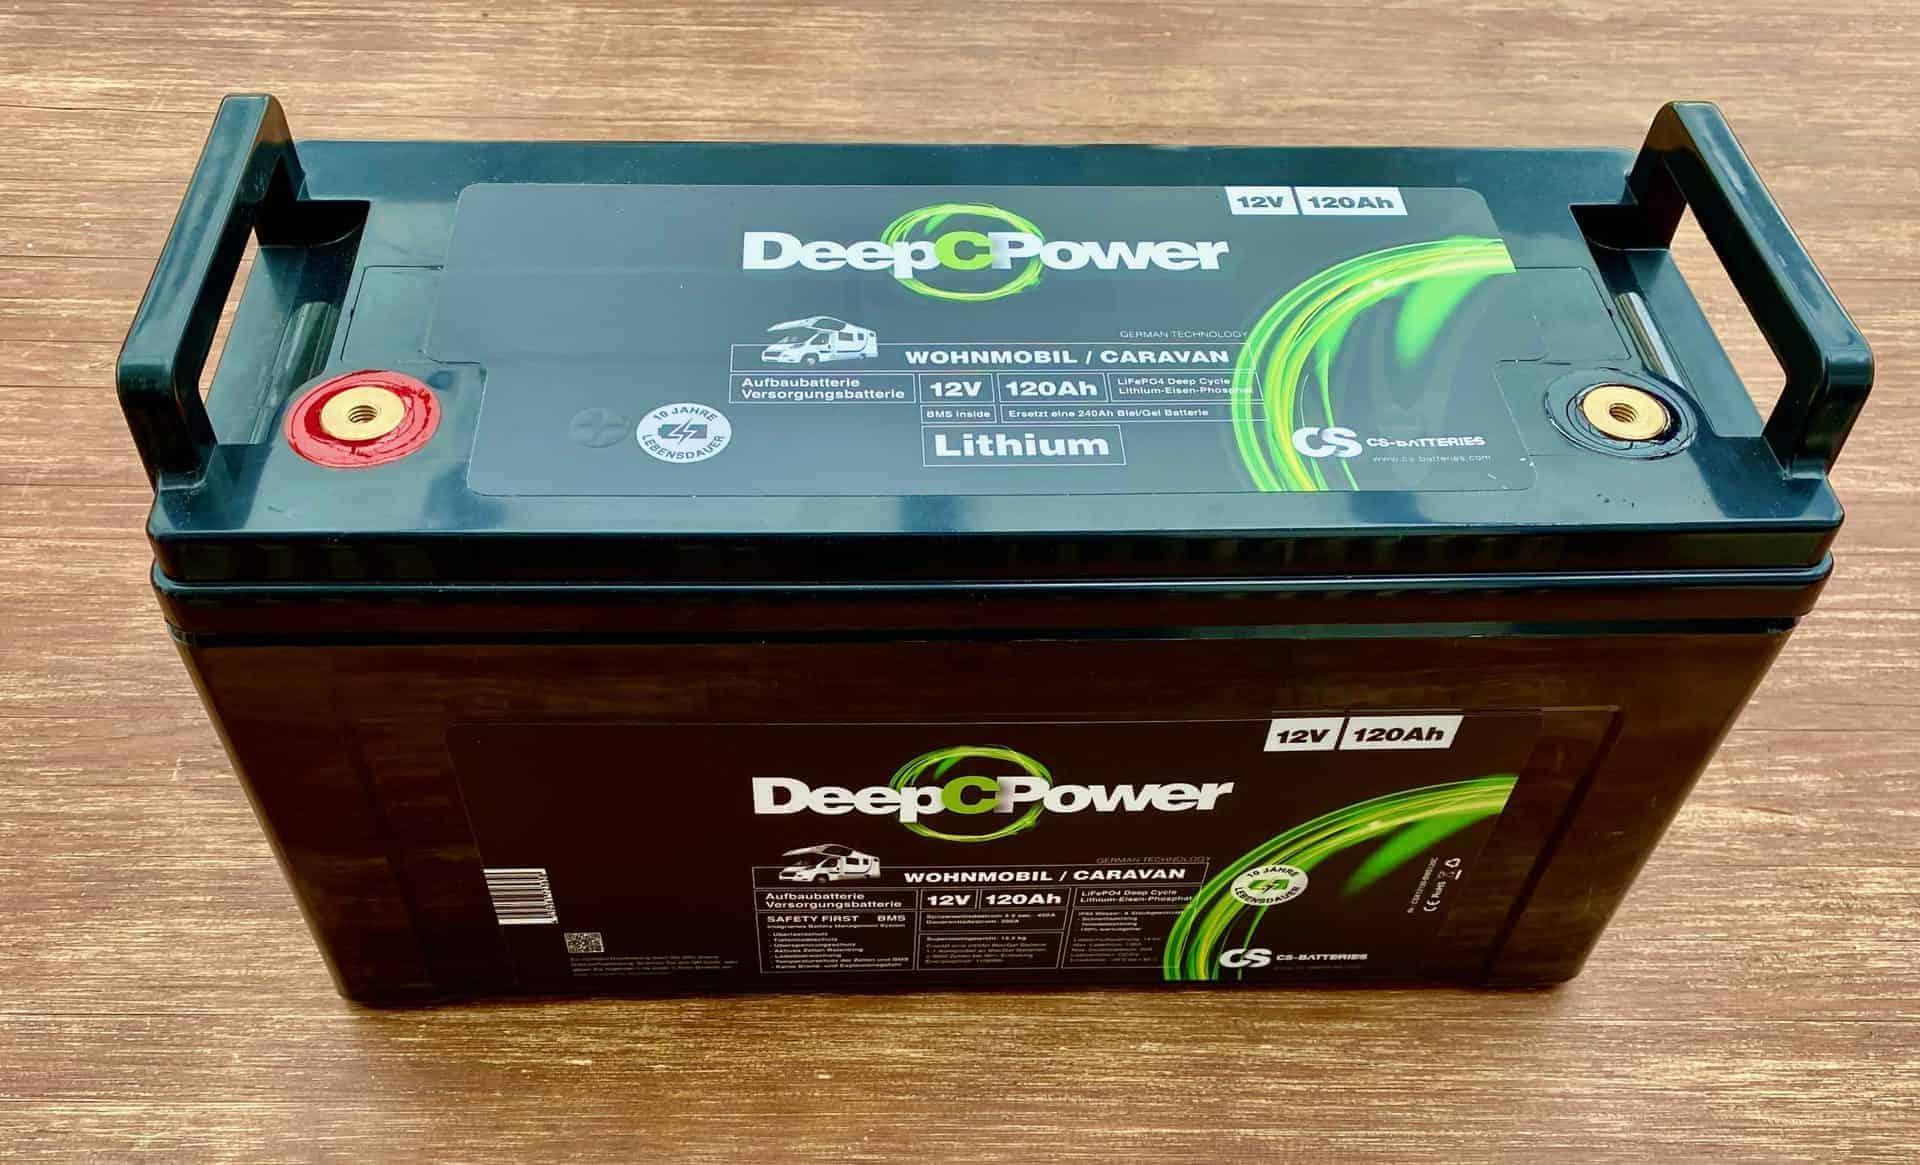 Lithium_Batterie_DeepCPower_12Ah_fürs_Wohnmobil